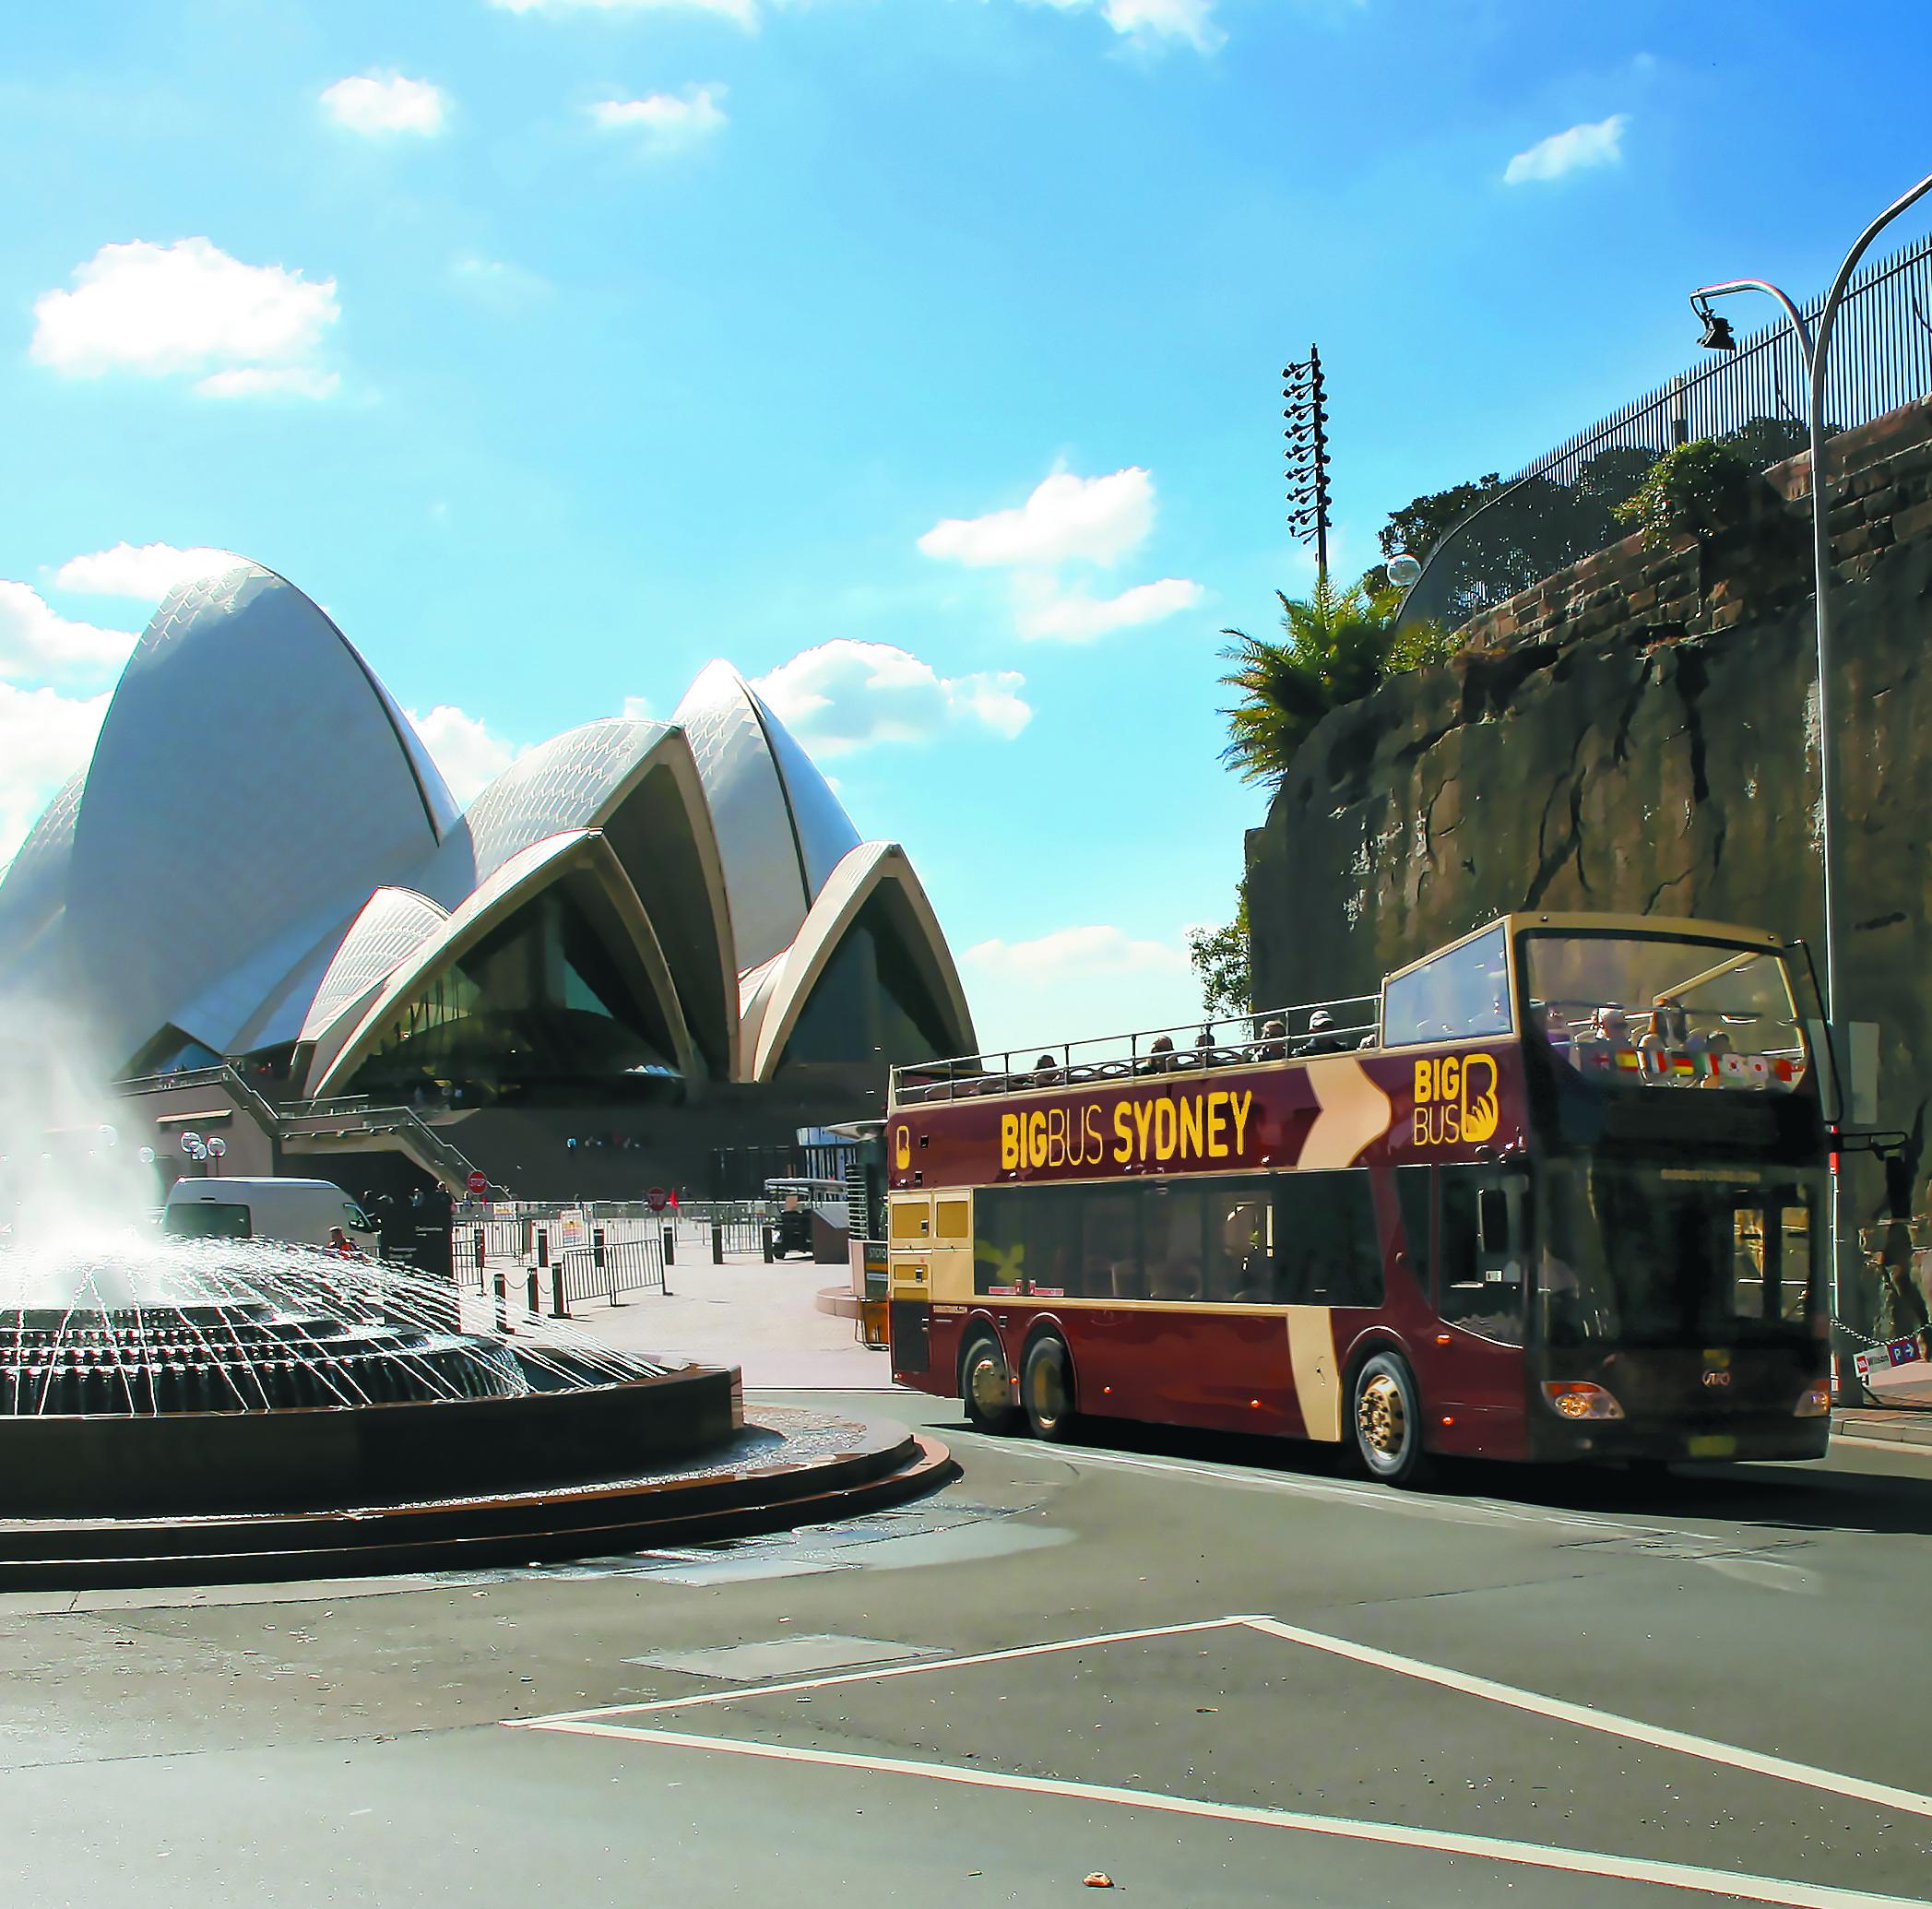 Big Bus Sydney